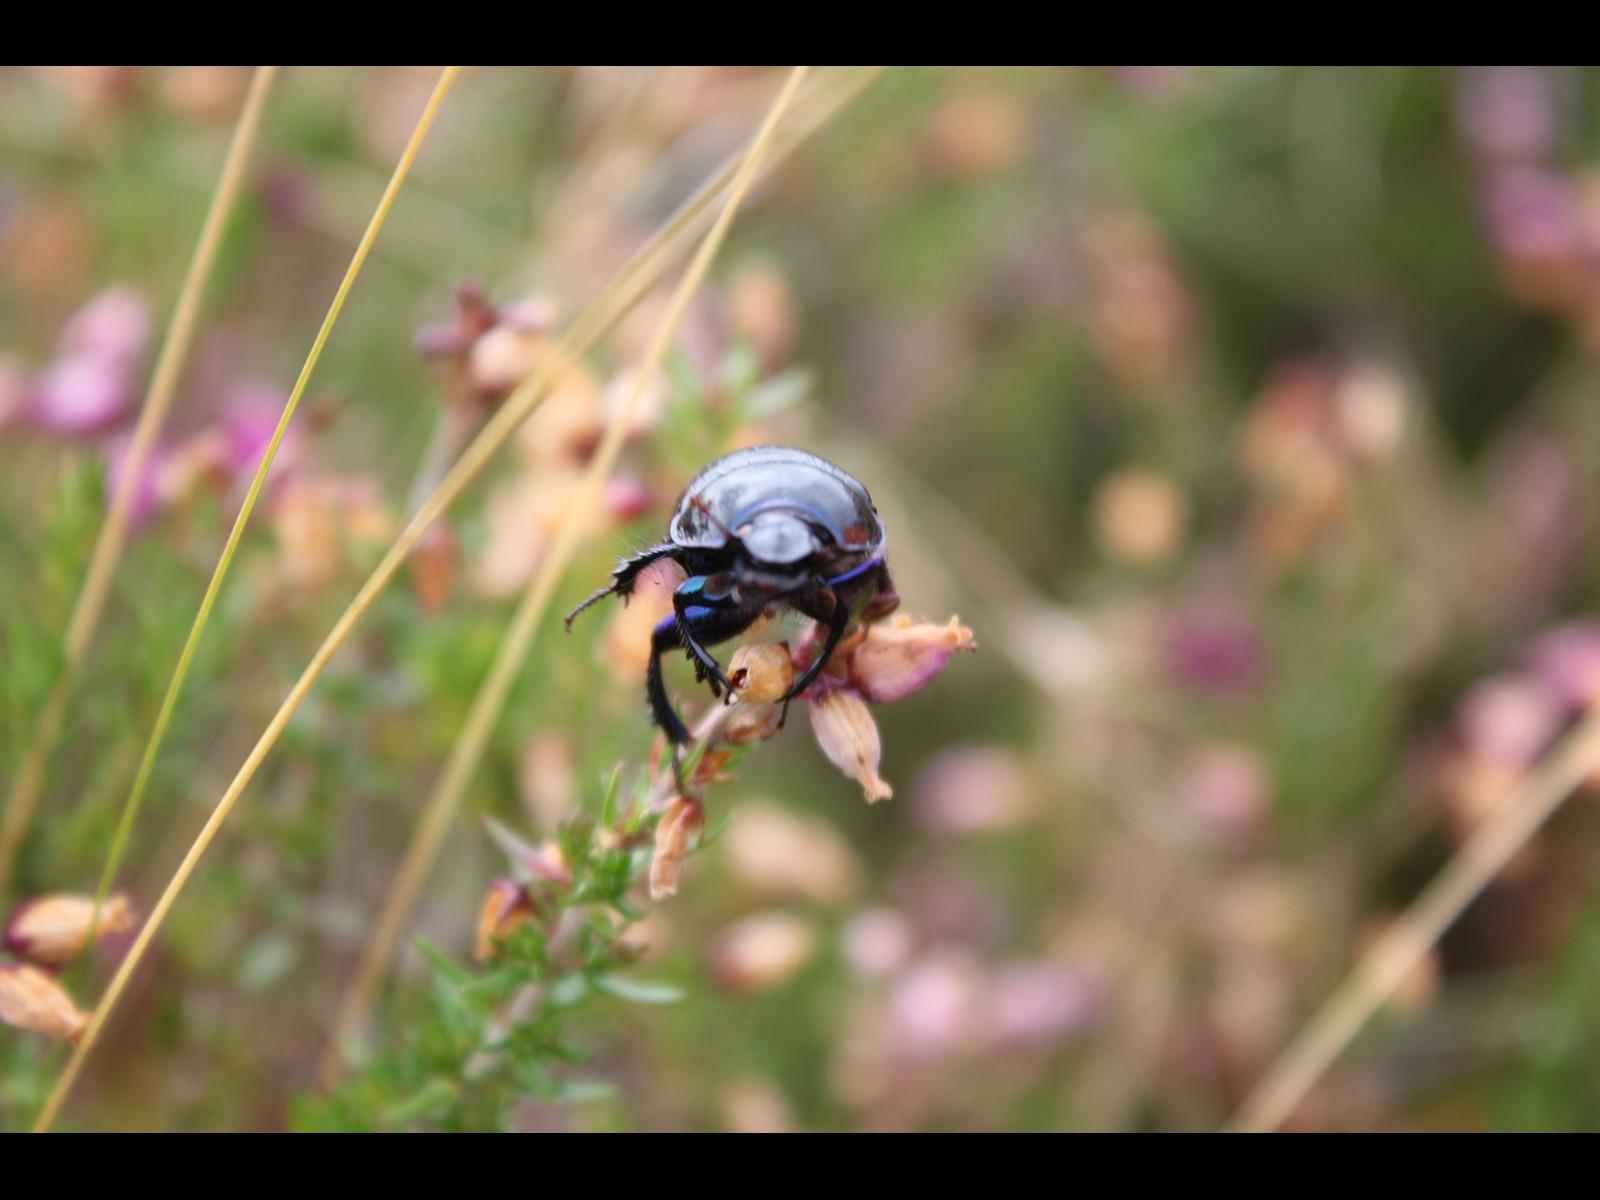 Beetle by Stuart Alexander